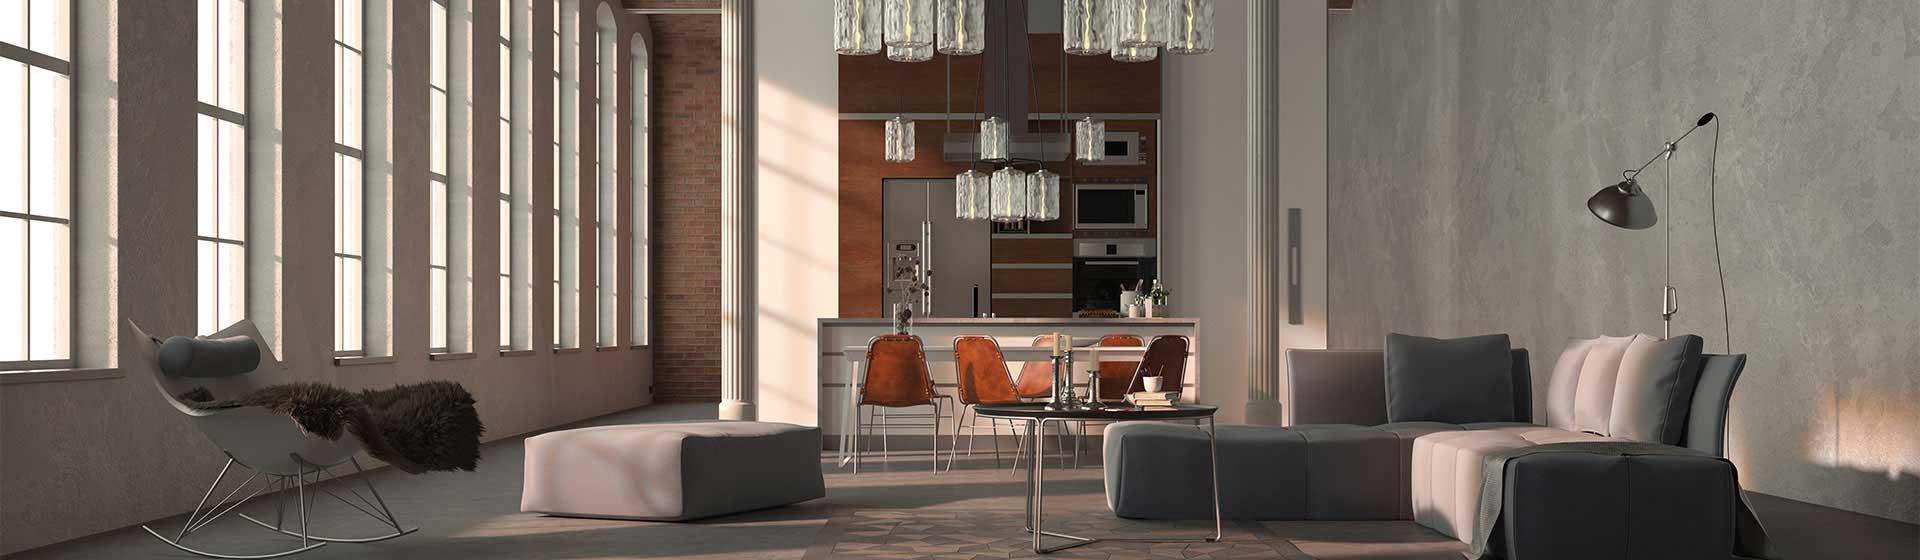 Wohn- und Essbereich in Loftwohnung